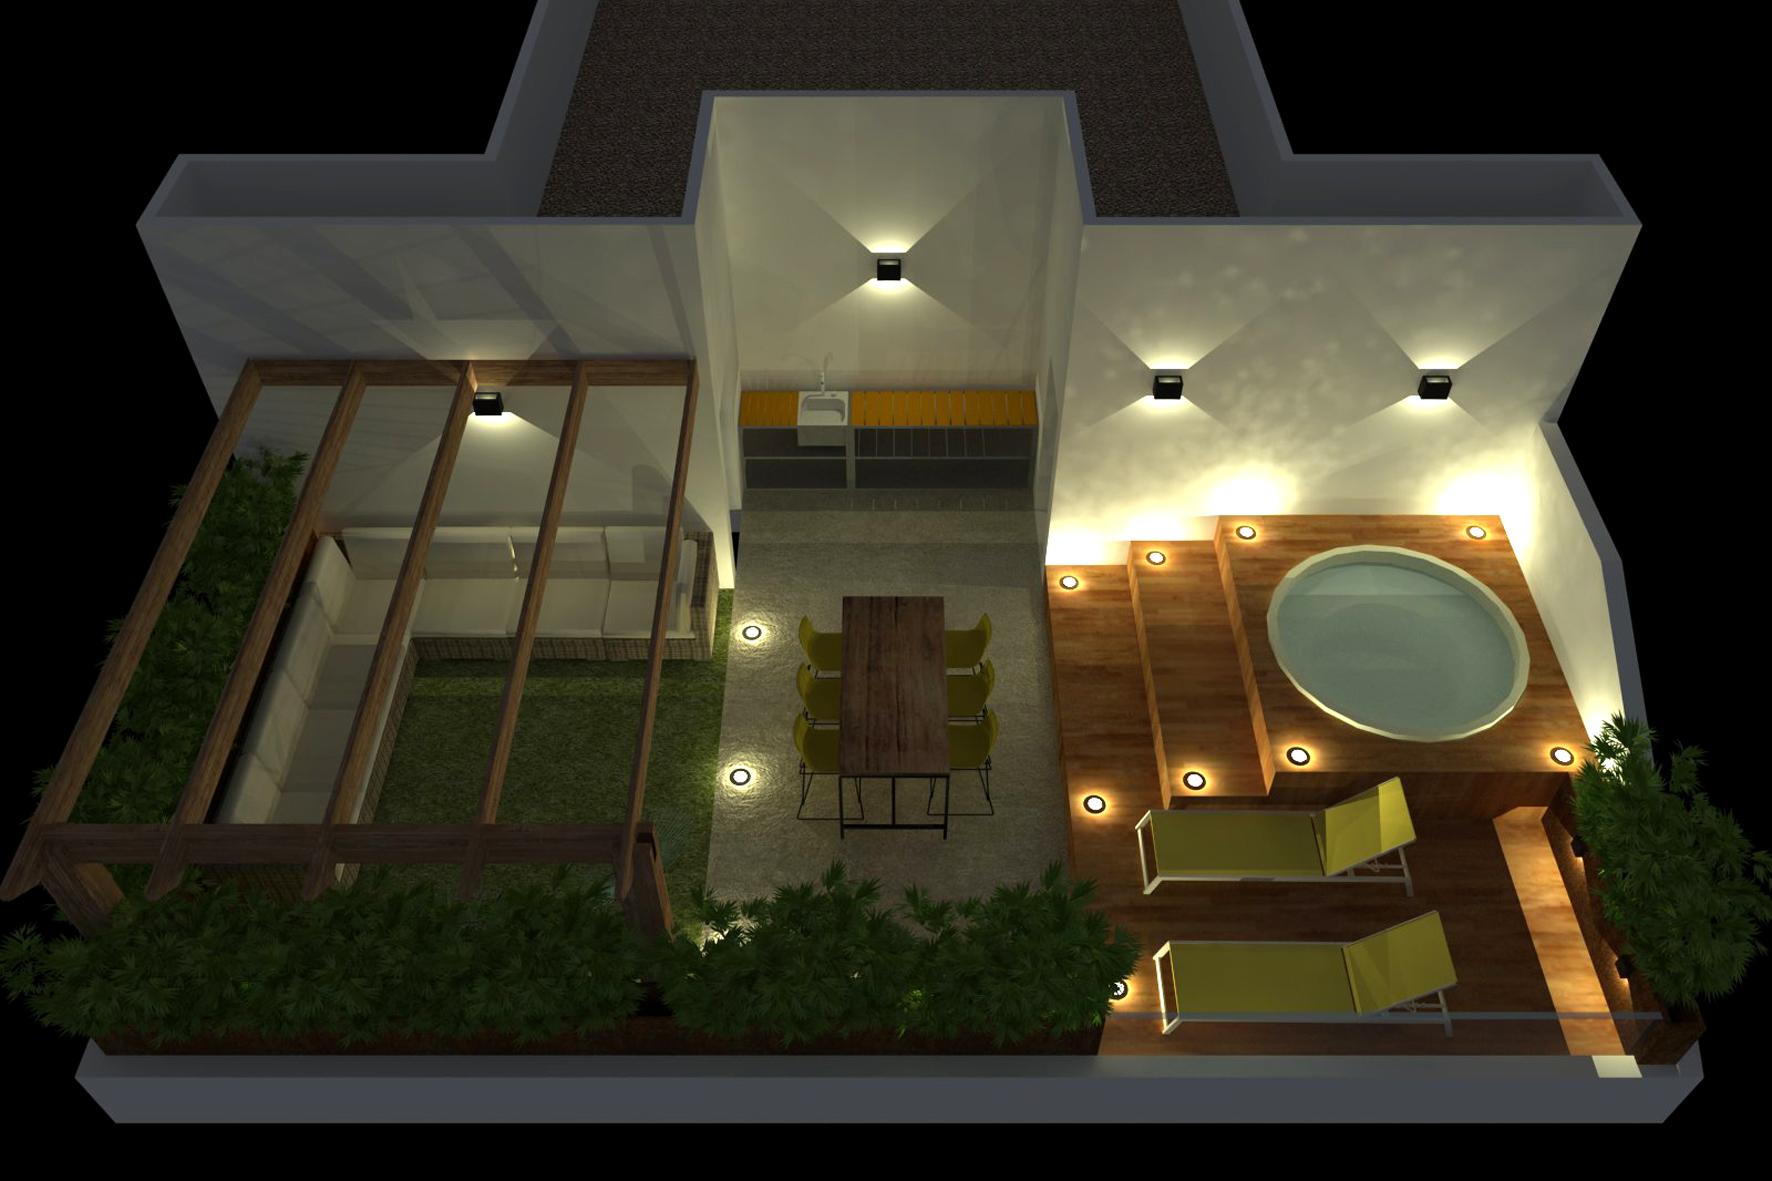 Reforma loft arquitectura interiorismo studiobmk (6)